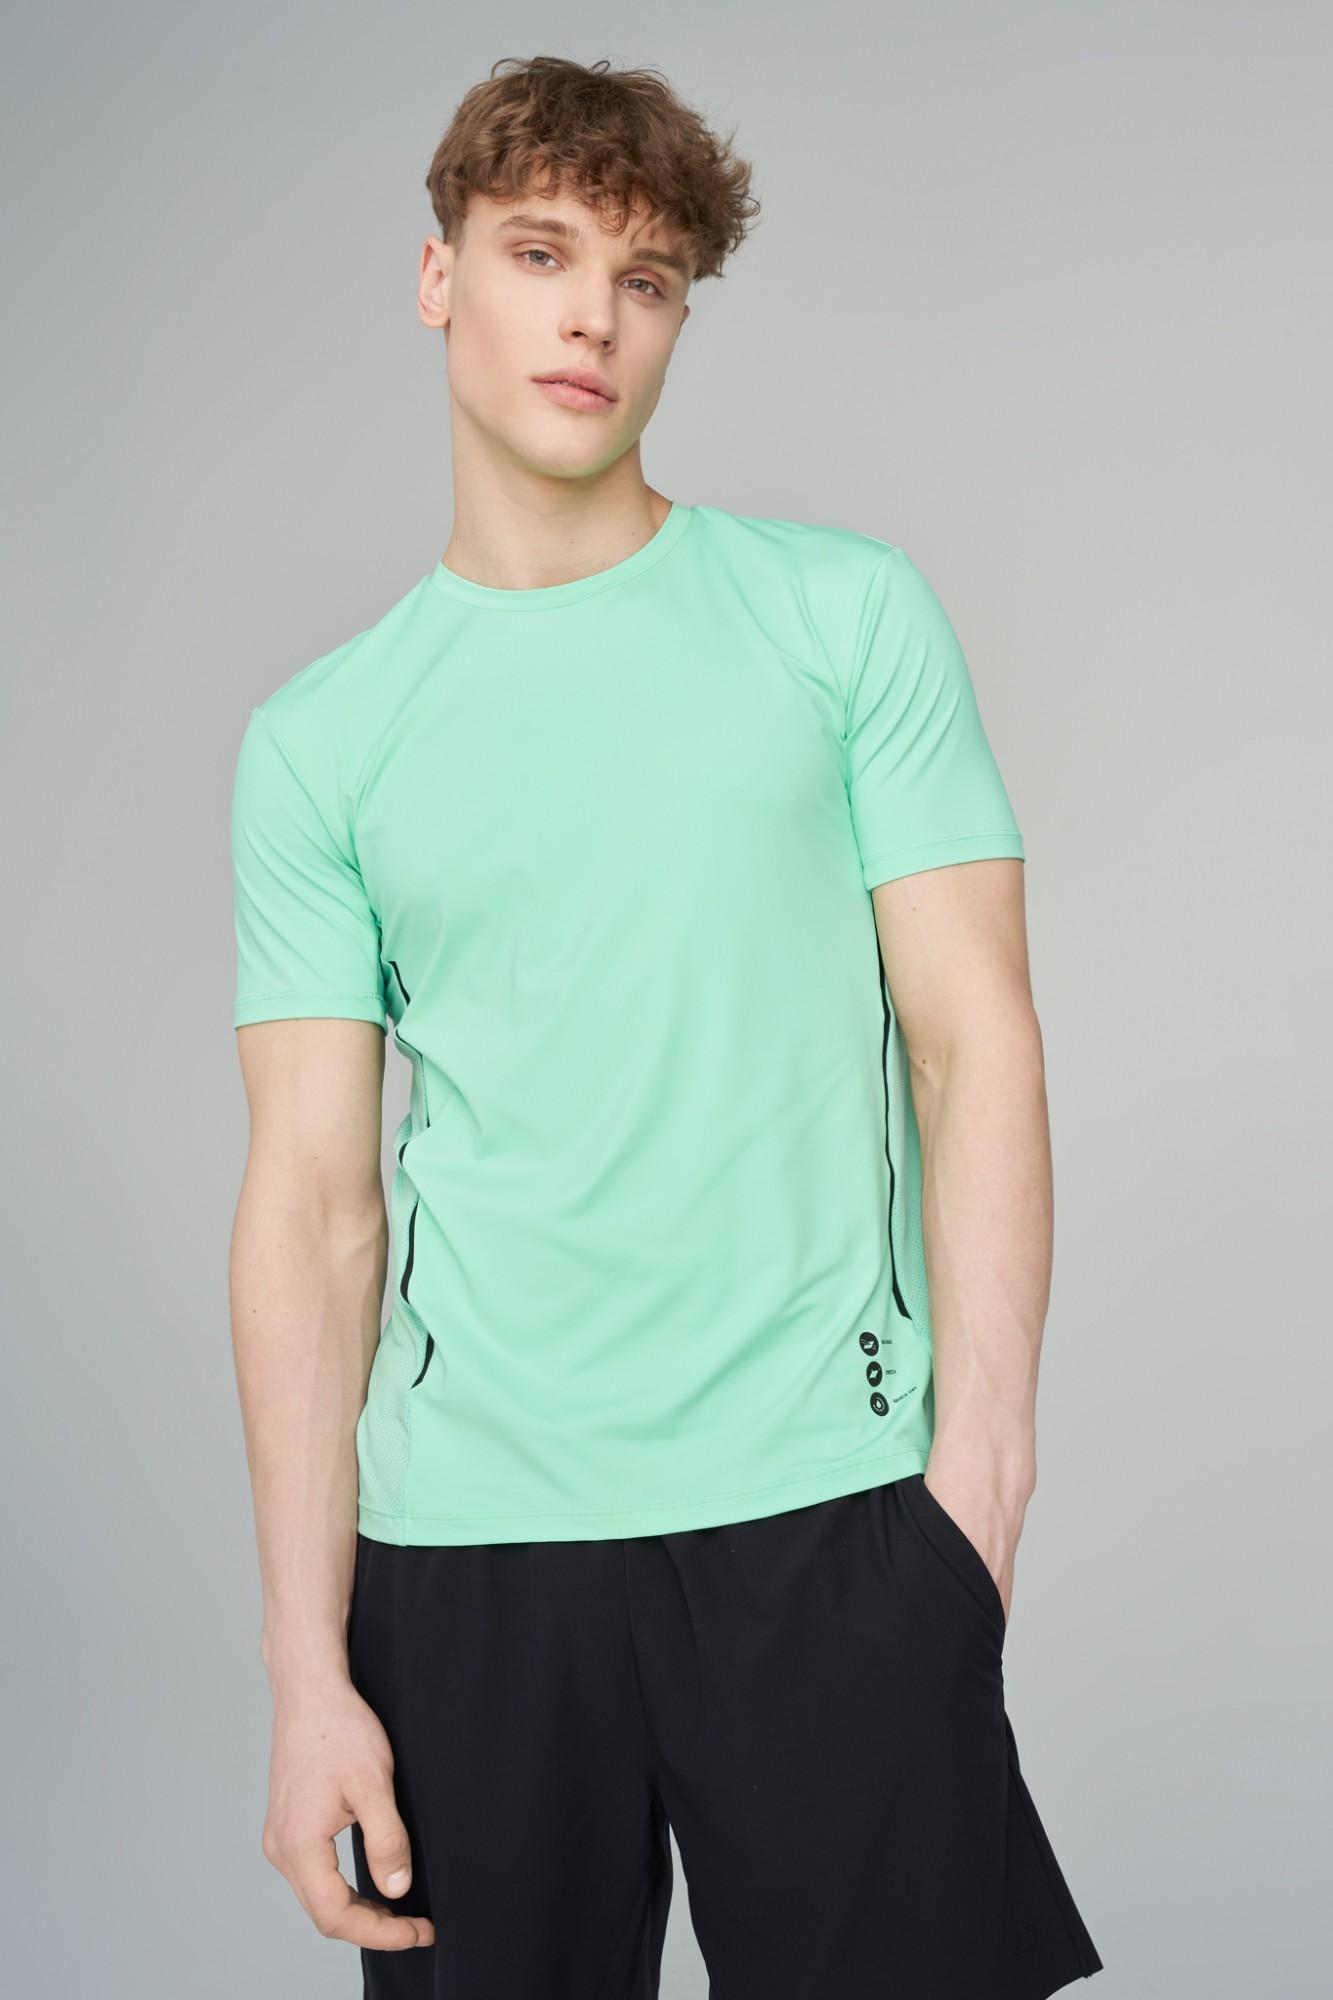 AUDIMAS Funkcionalūs marškinėliai 2111-451 Spring Bud M